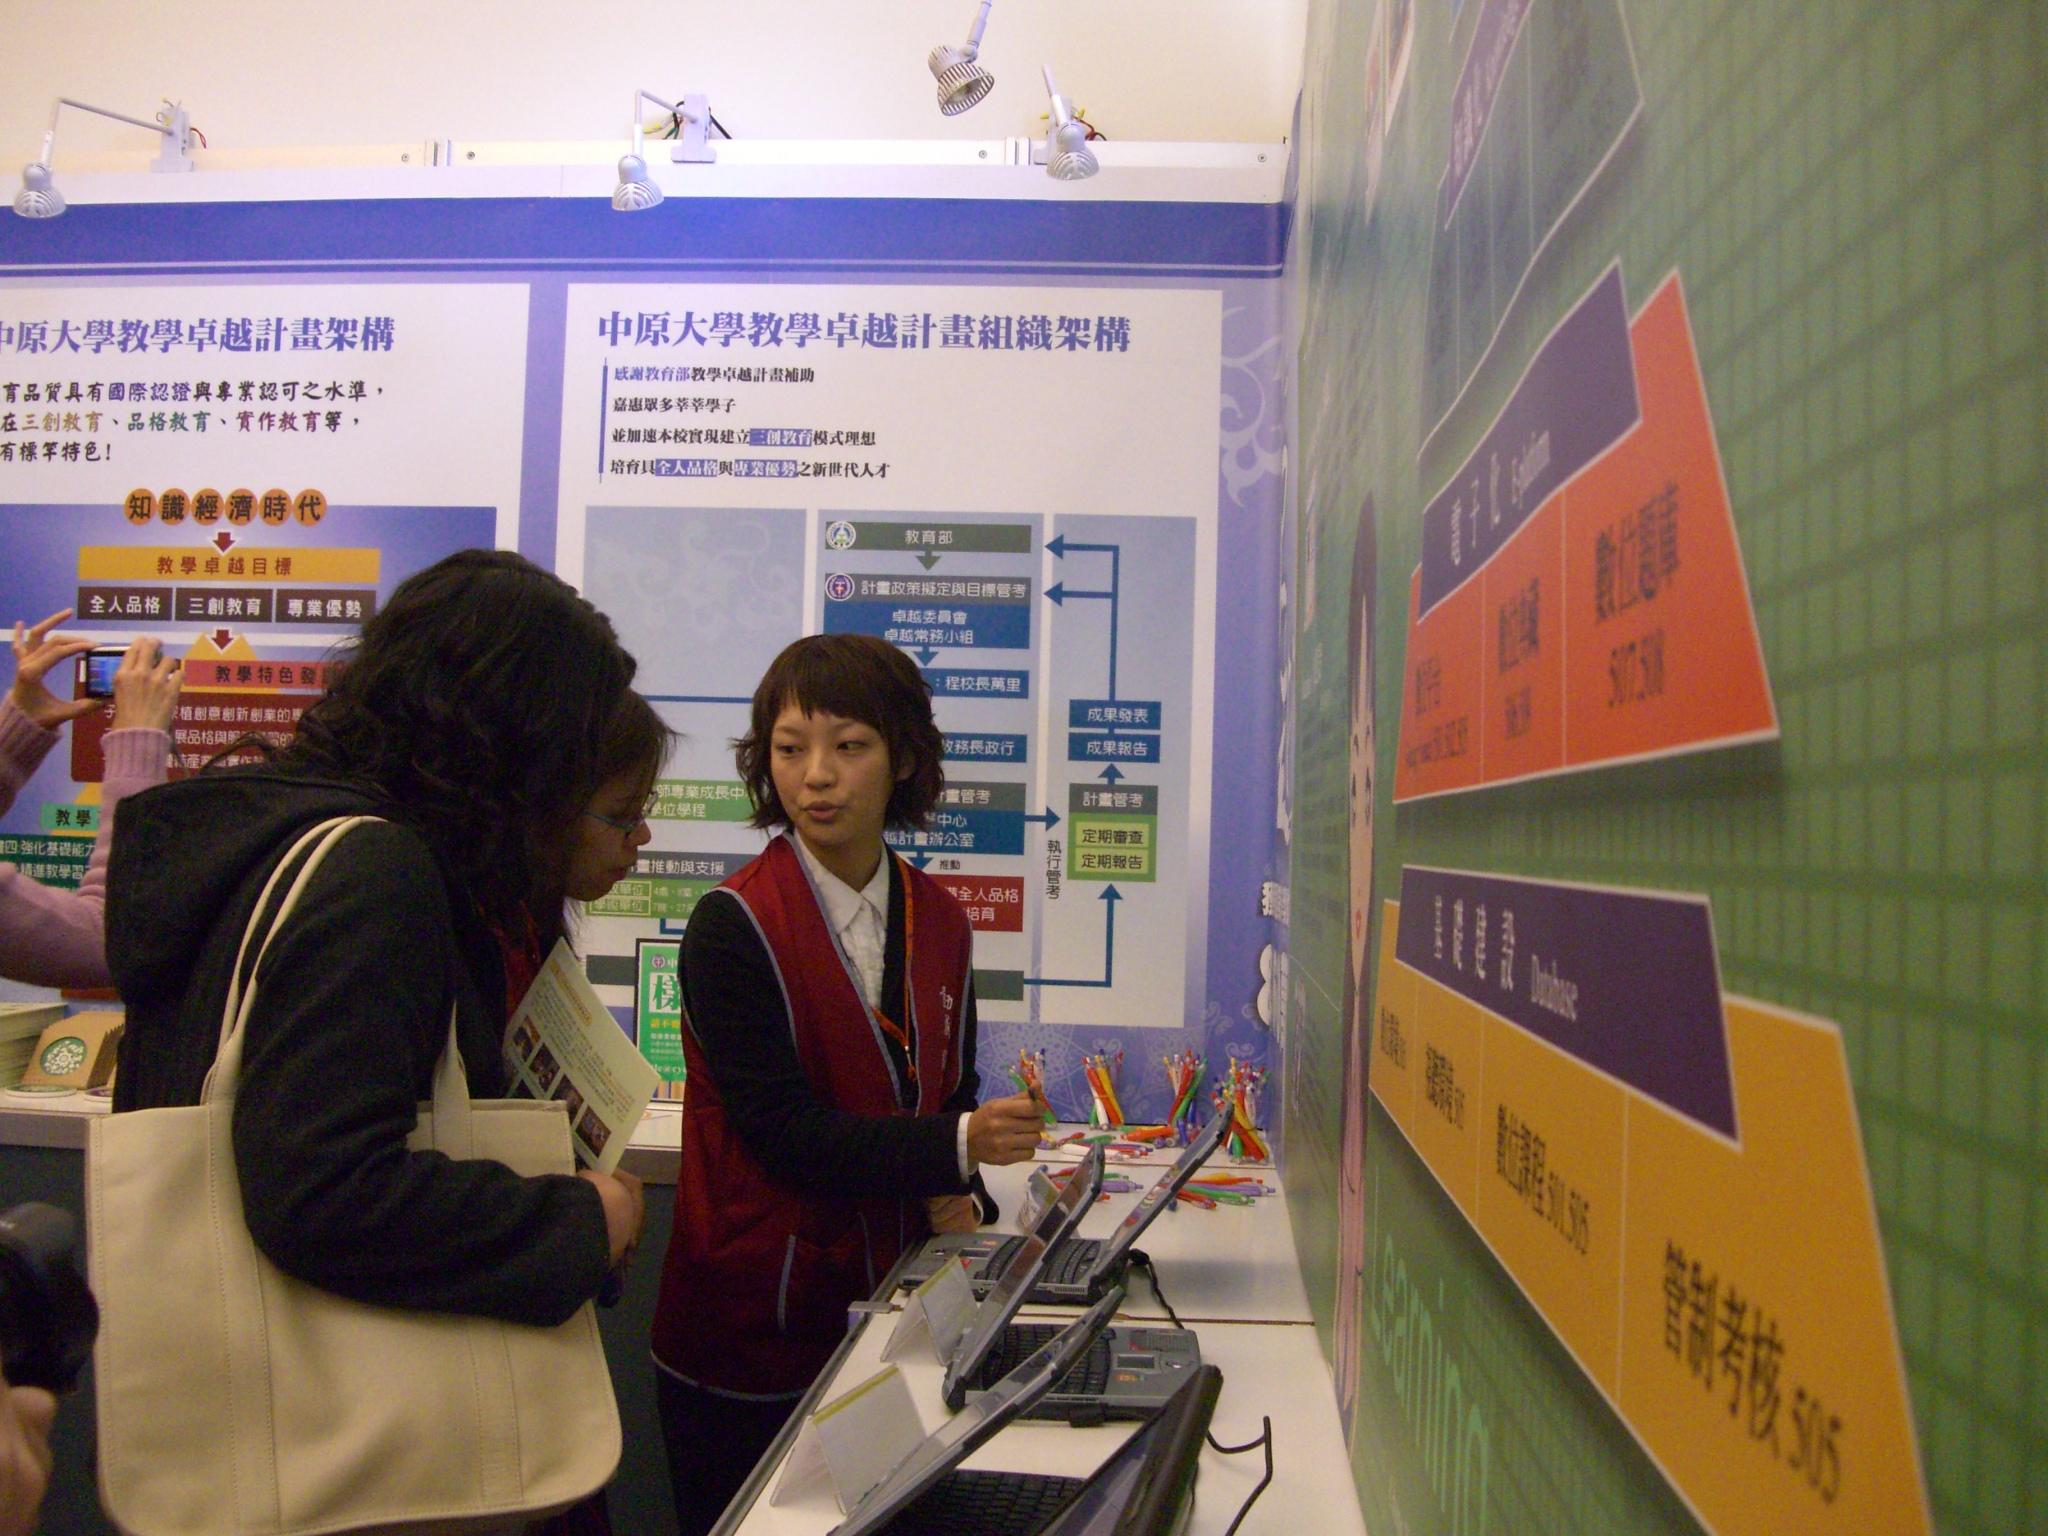 三創‧學習‧e起來 中原大學舉辦教學卓越計畫特色主題觀摩會